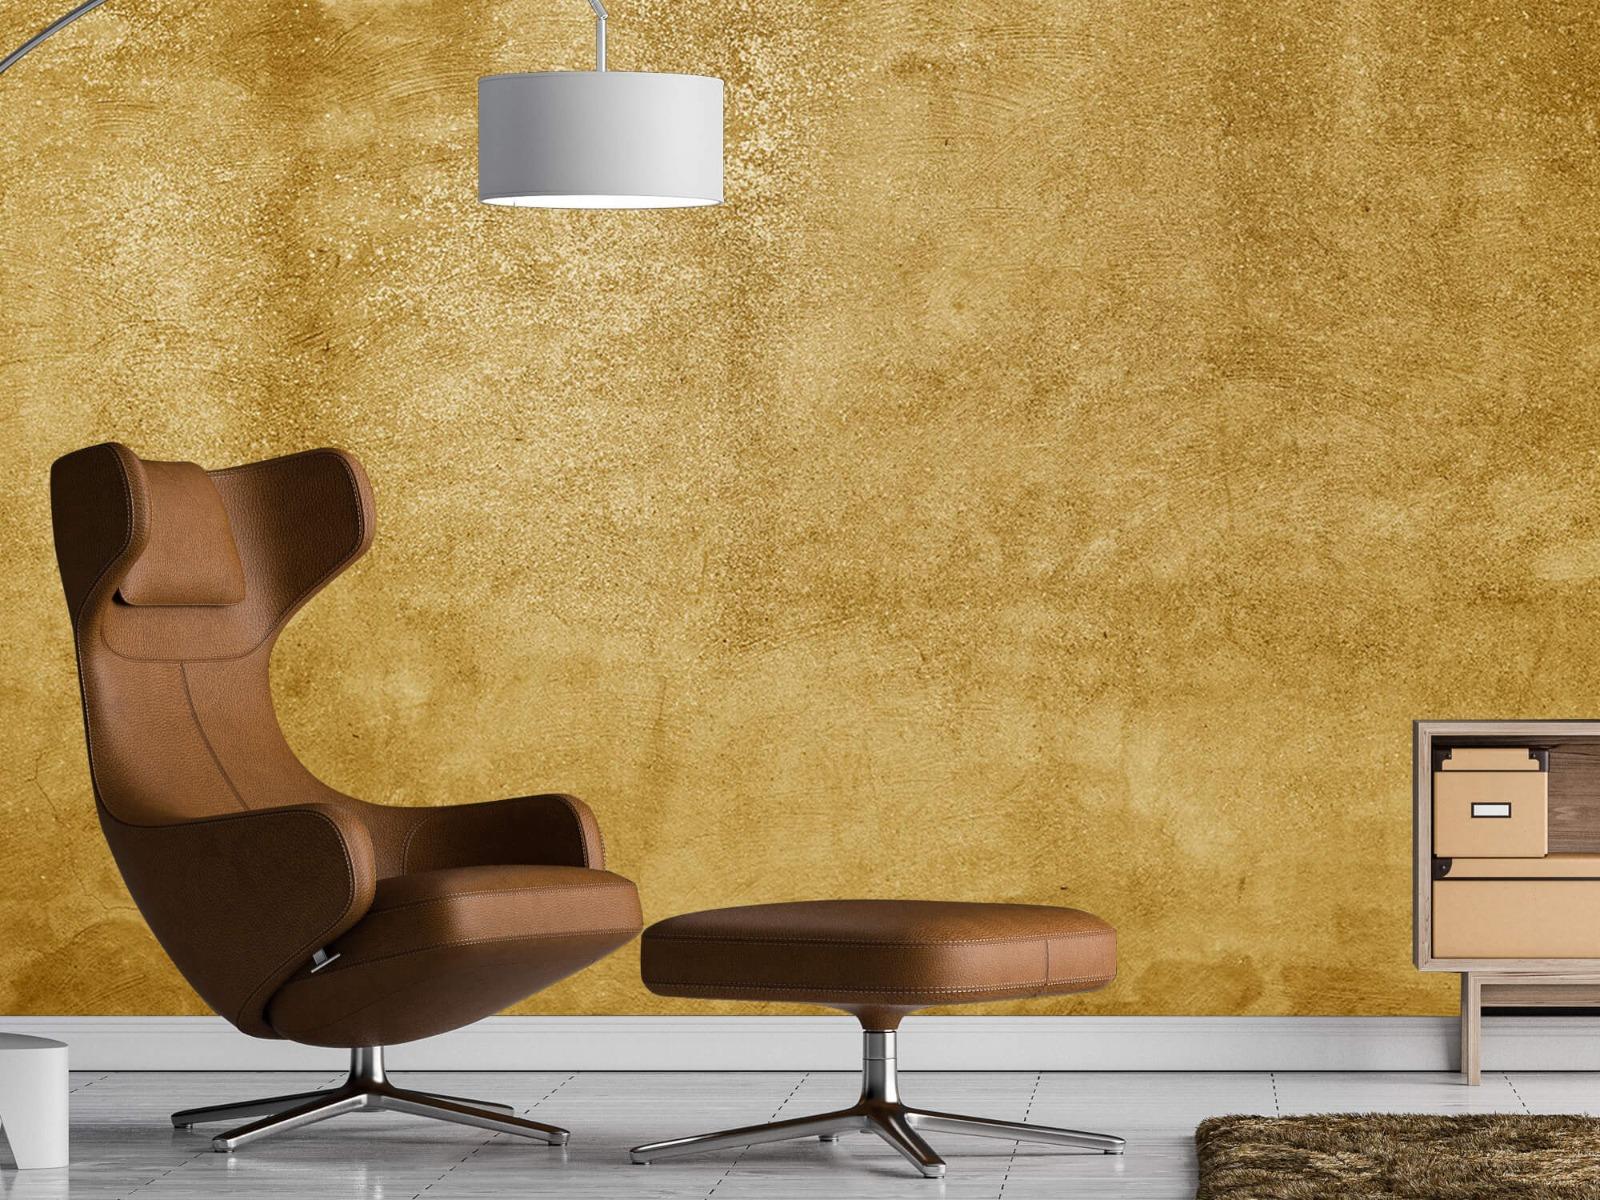 Betonoptik Tapete - Ockerhaltiger gelber Beton auf Fototapete - Wohnzimmer 19